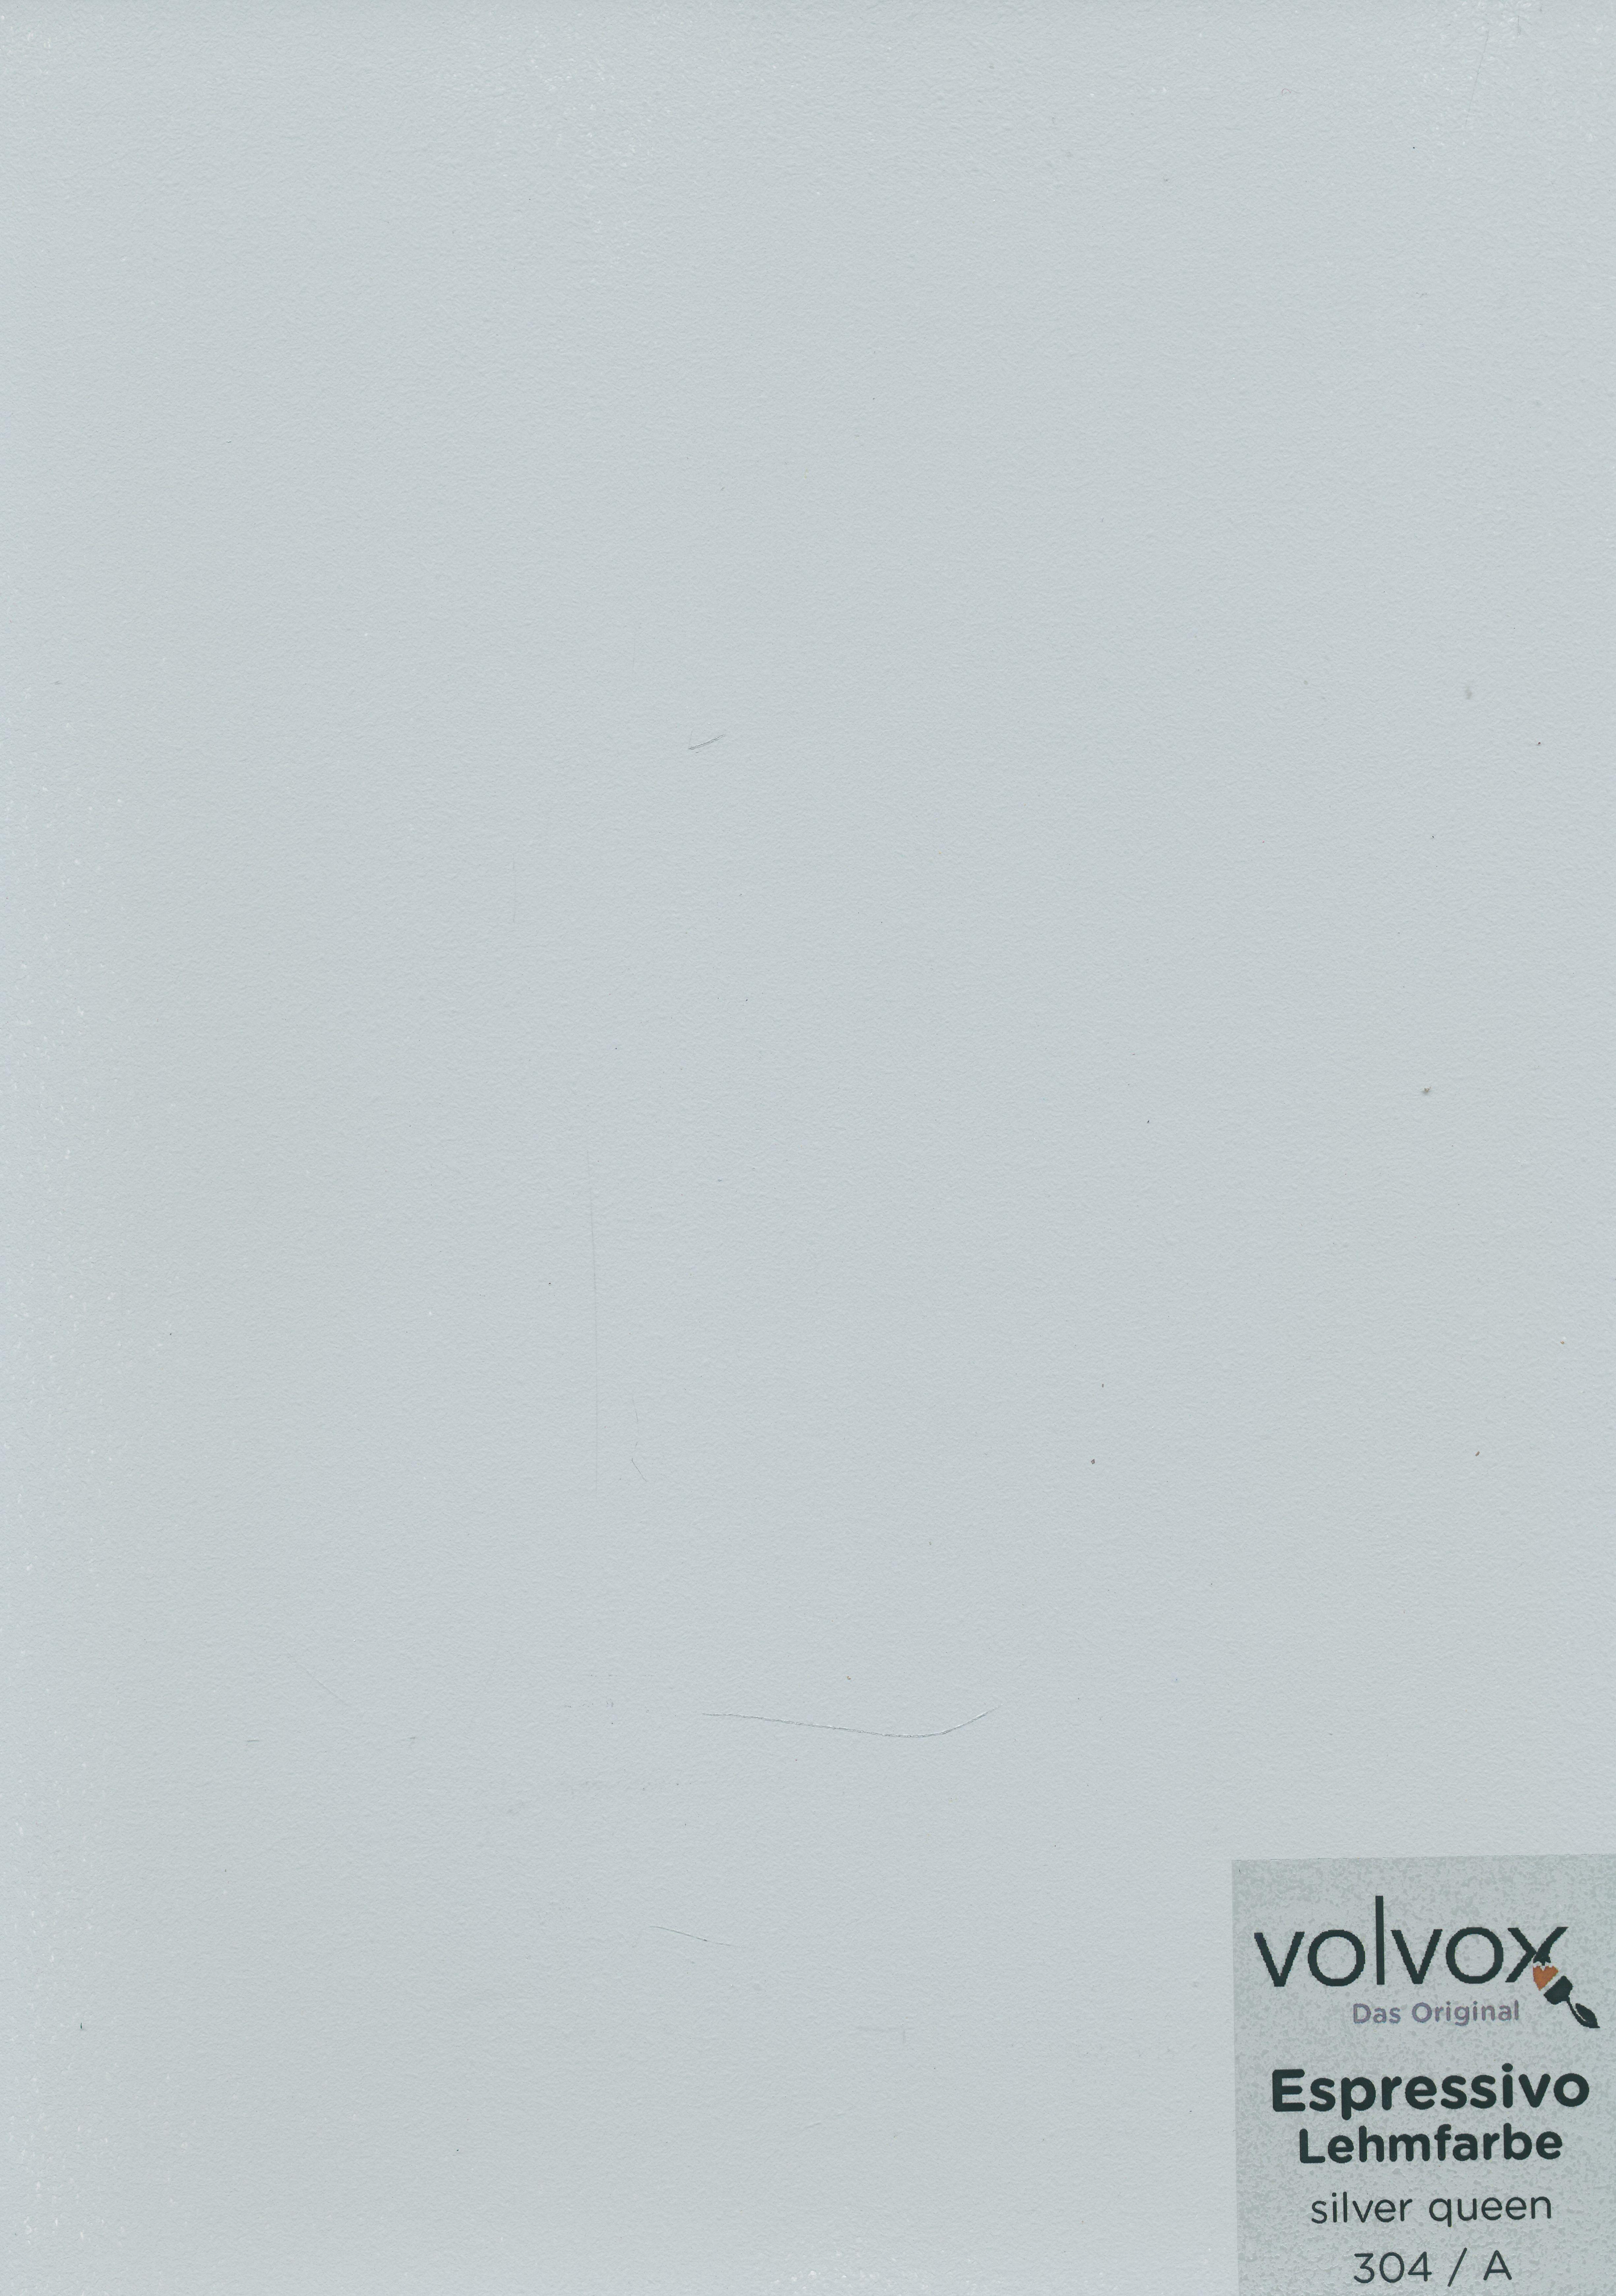 Volvox Espressivo Lehmfarbe 304 silver queen